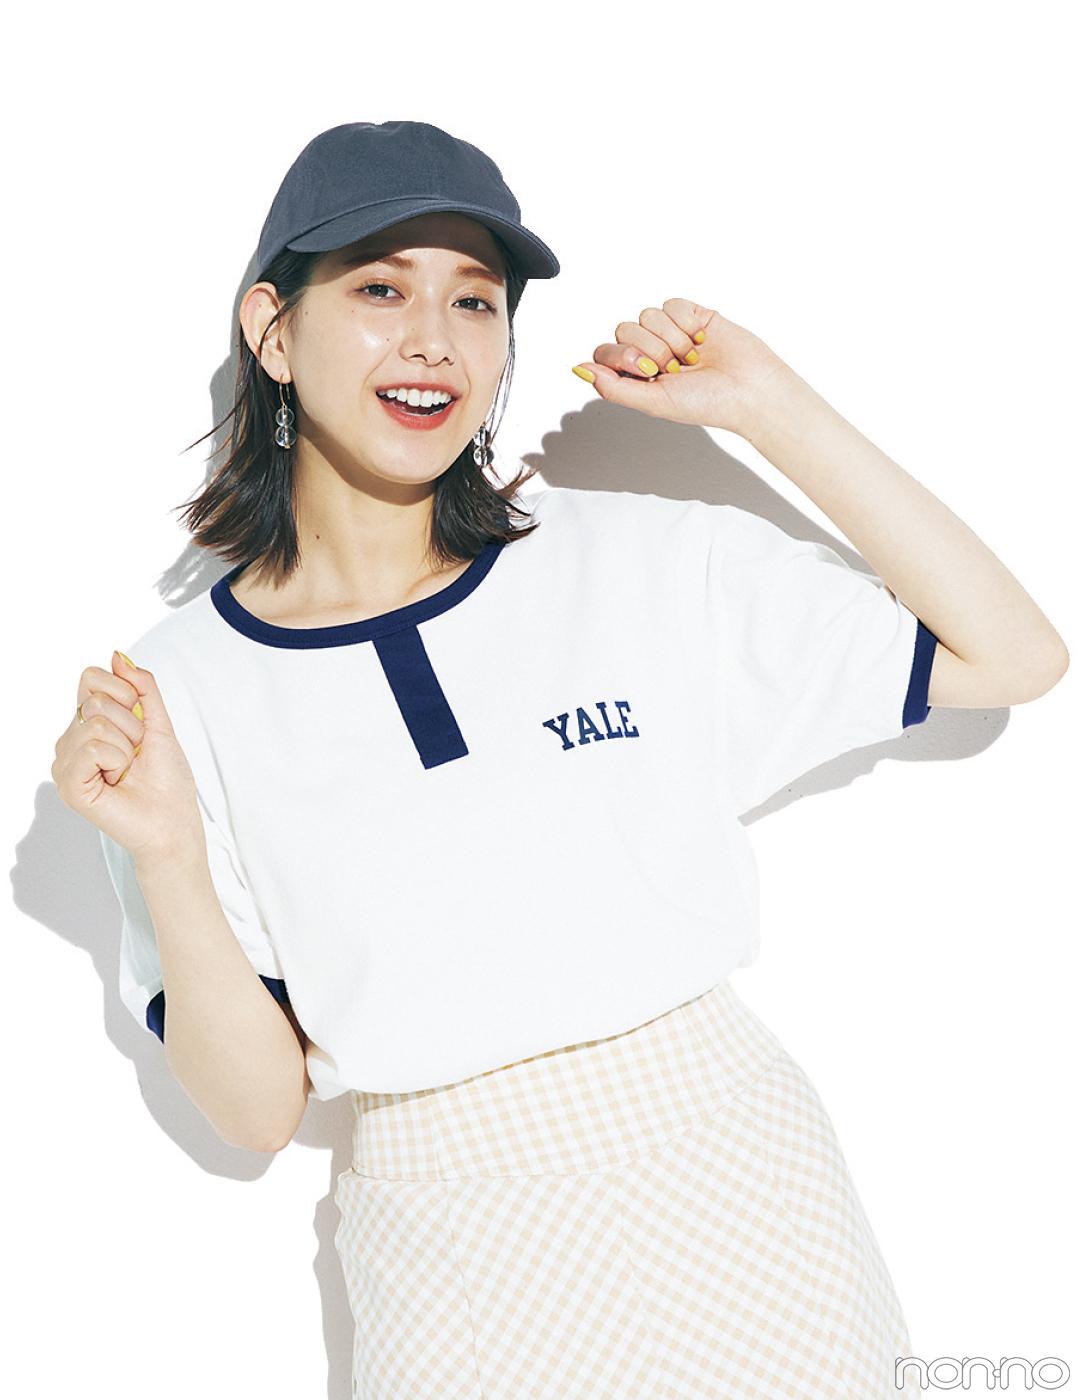 Photo Gallery 渡邉理佐の毎日Tシャツコーデ フォトギャラリー_1_6